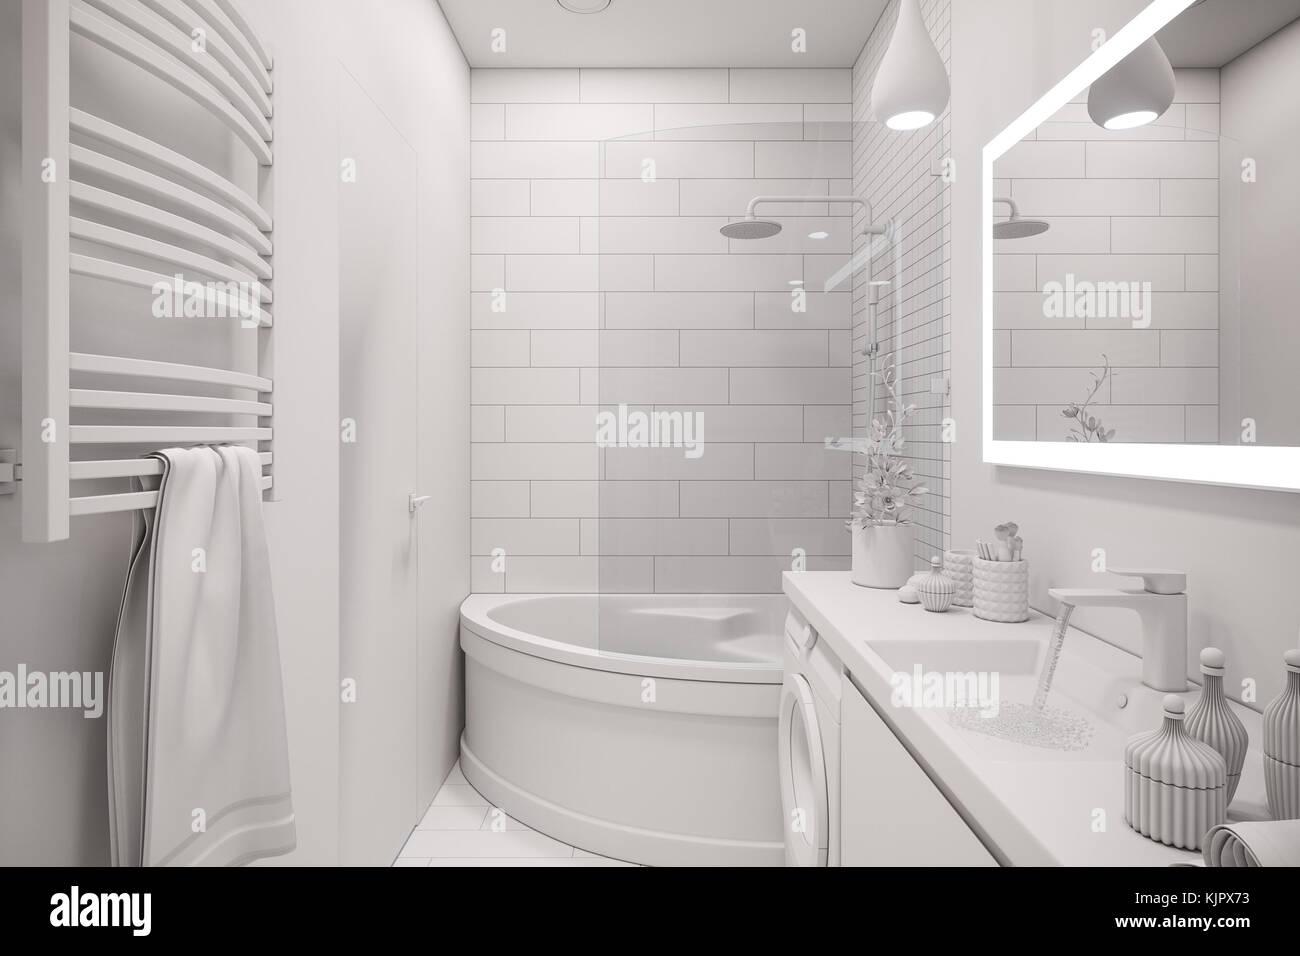 D illustrazione di un interior design di un bianco minimalista